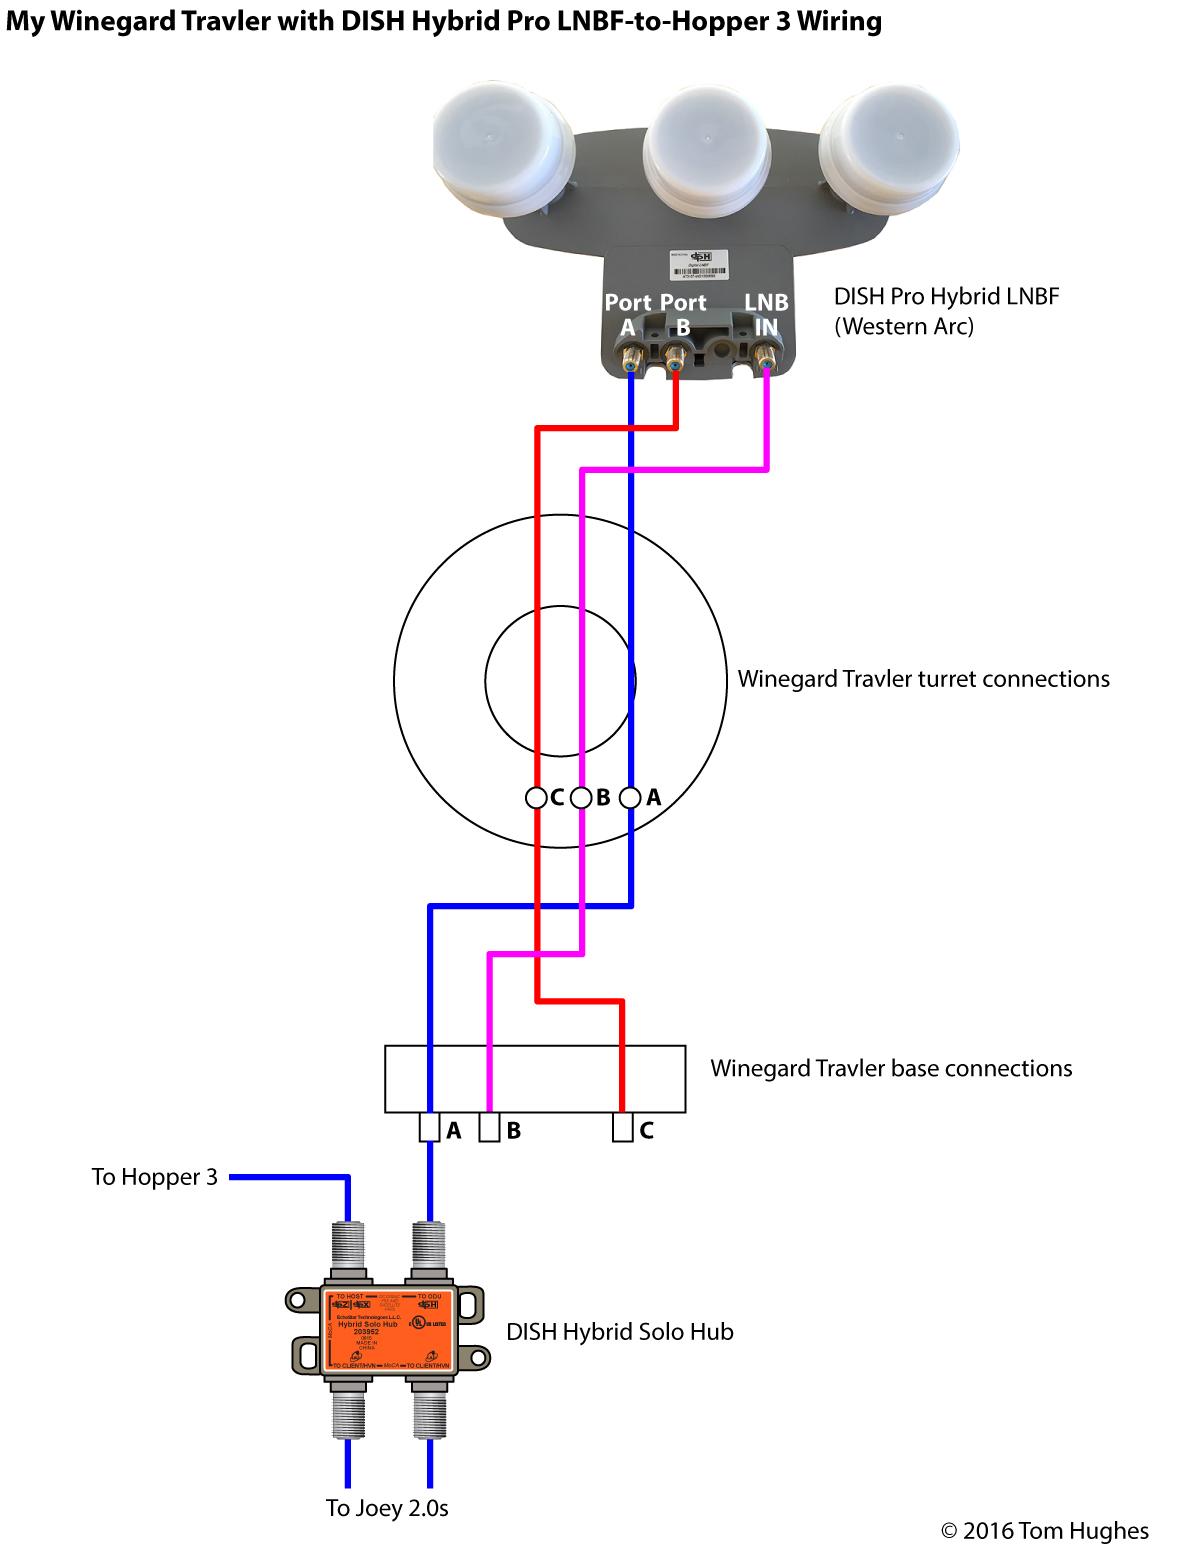 dish network lnb wiring diagram wiring diagrams sitedish pro hybrid winegard travler upgrade no longer [ 1179 x 1552 Pixel ]